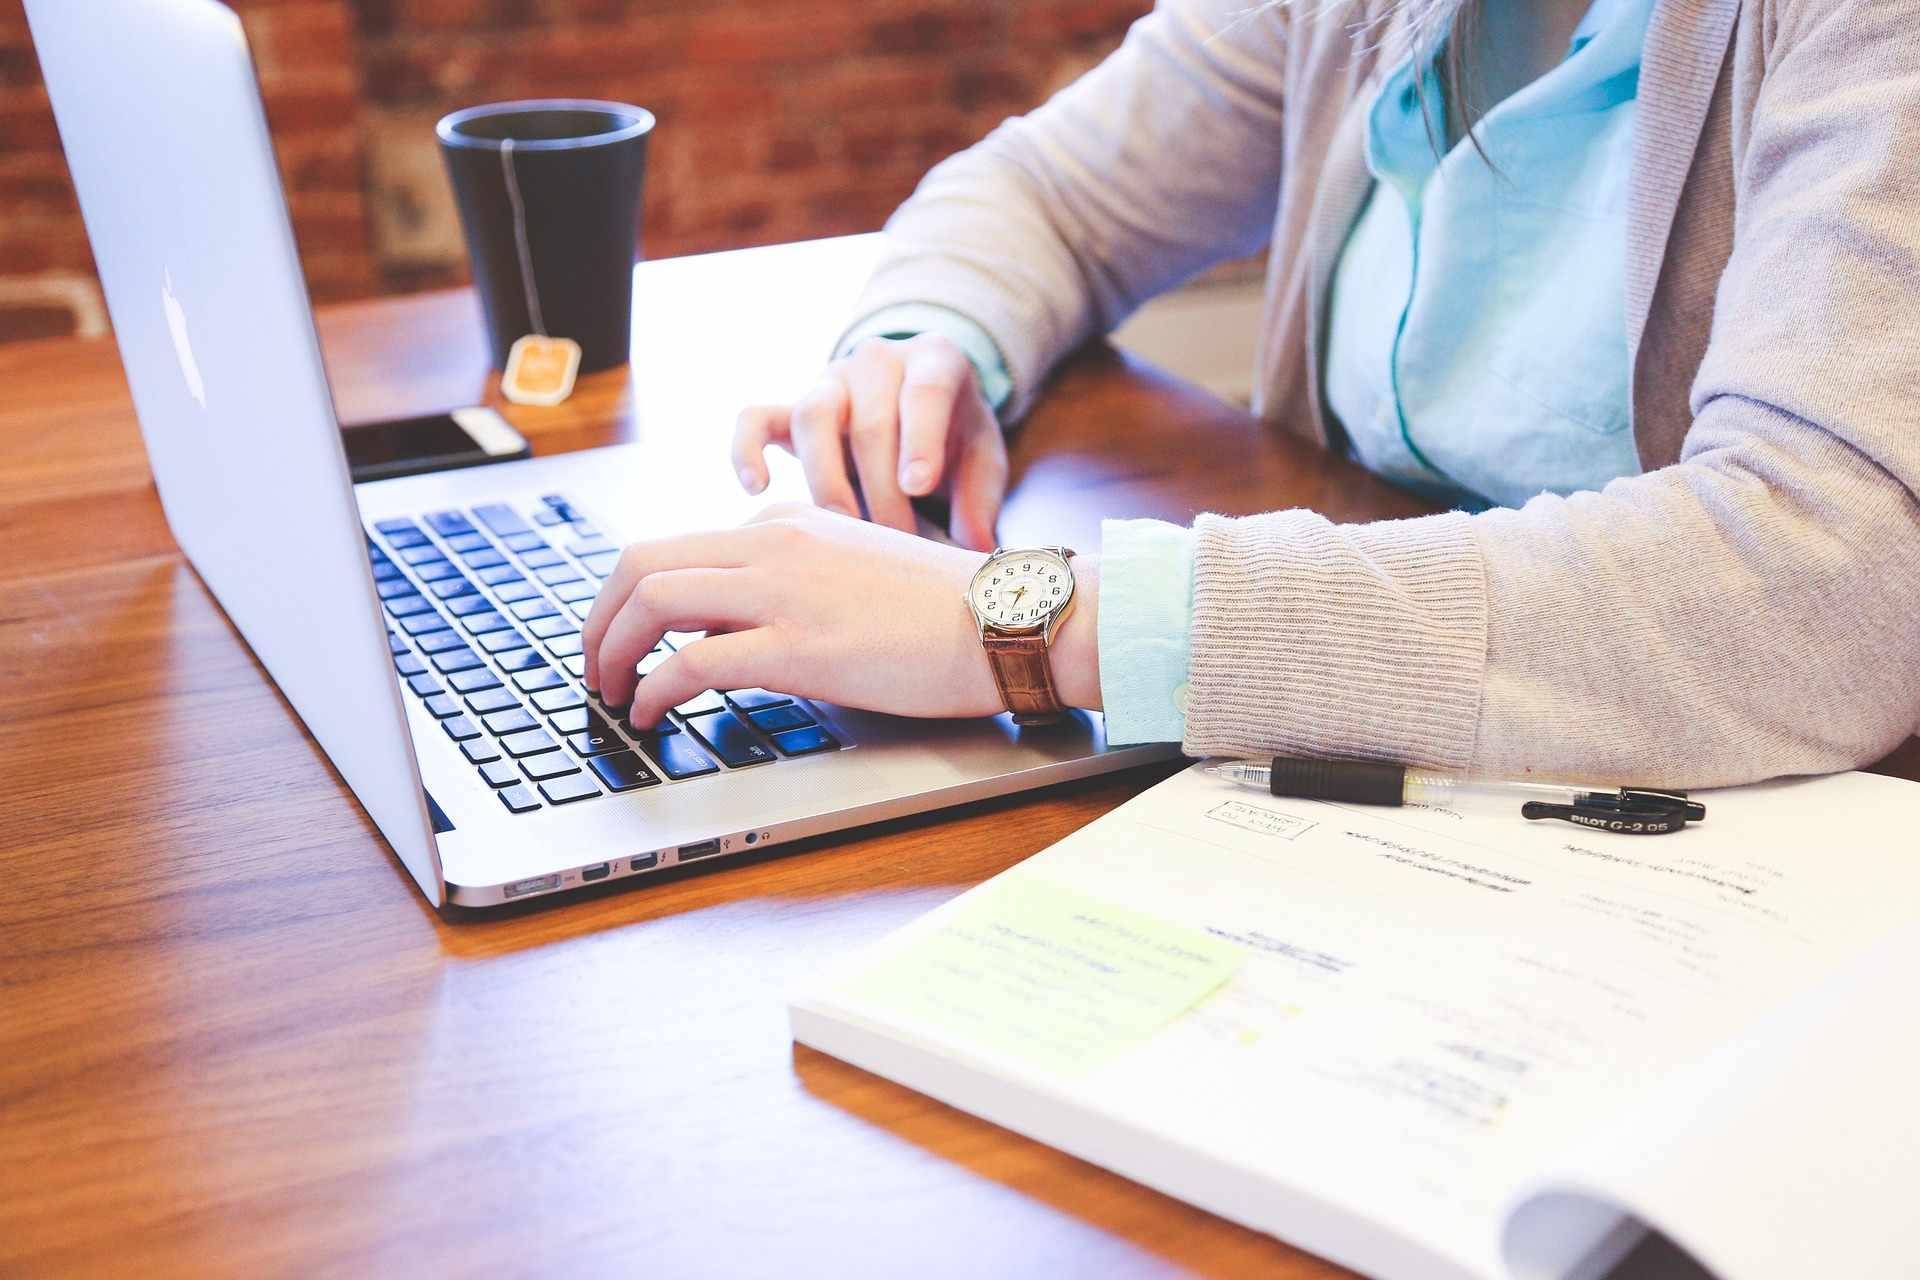 Для получения дистанционного образования потребуется неограниченный доступ в интернет